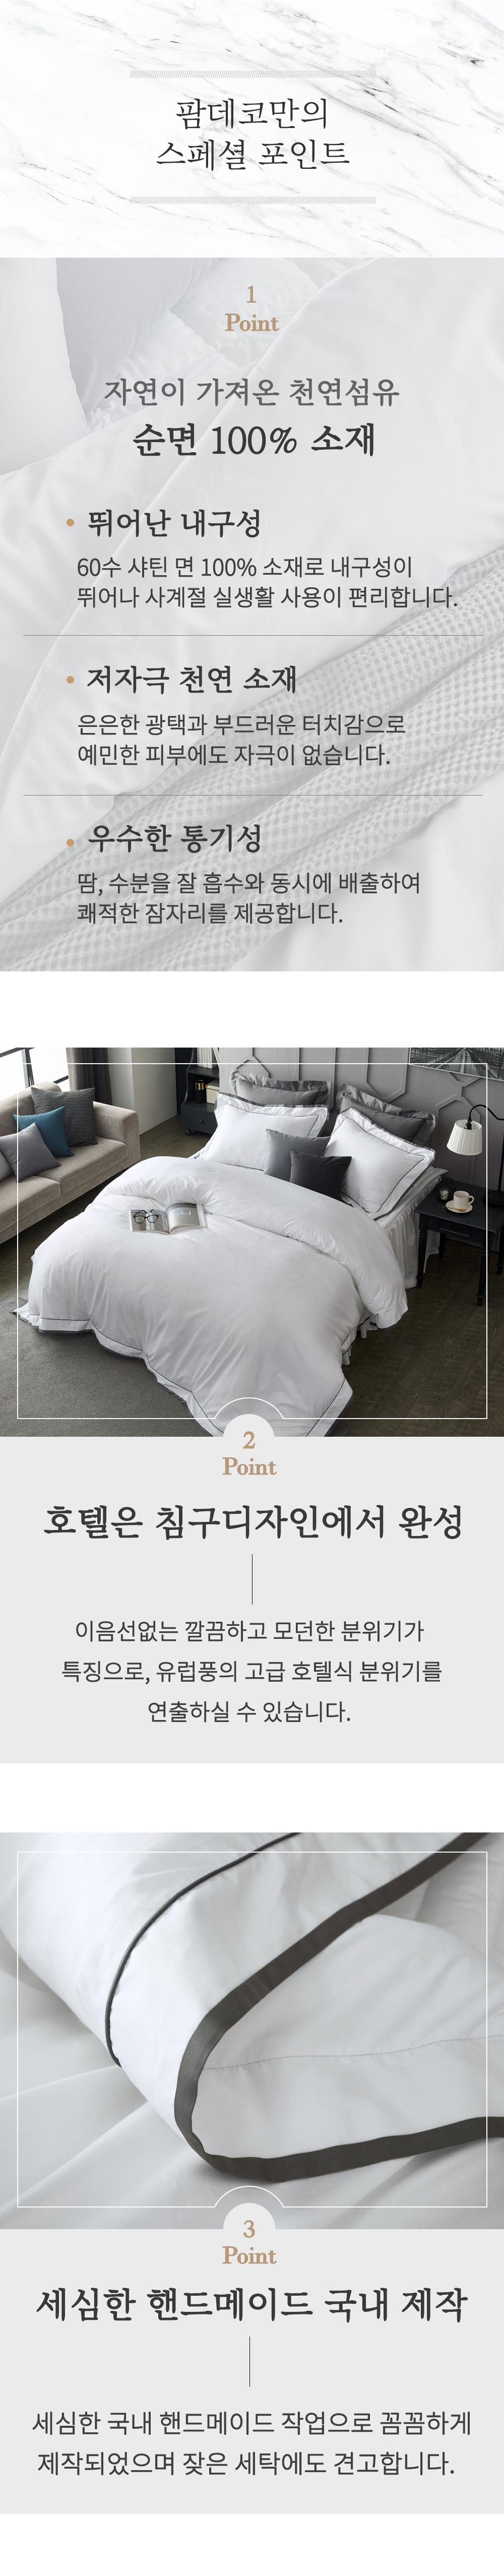 메이슨 그레이 호텔침구 이불커버 베개세트 싱글 - 팜데코, 188,000원, 퀸/킹침구세트, 호텔식 침구